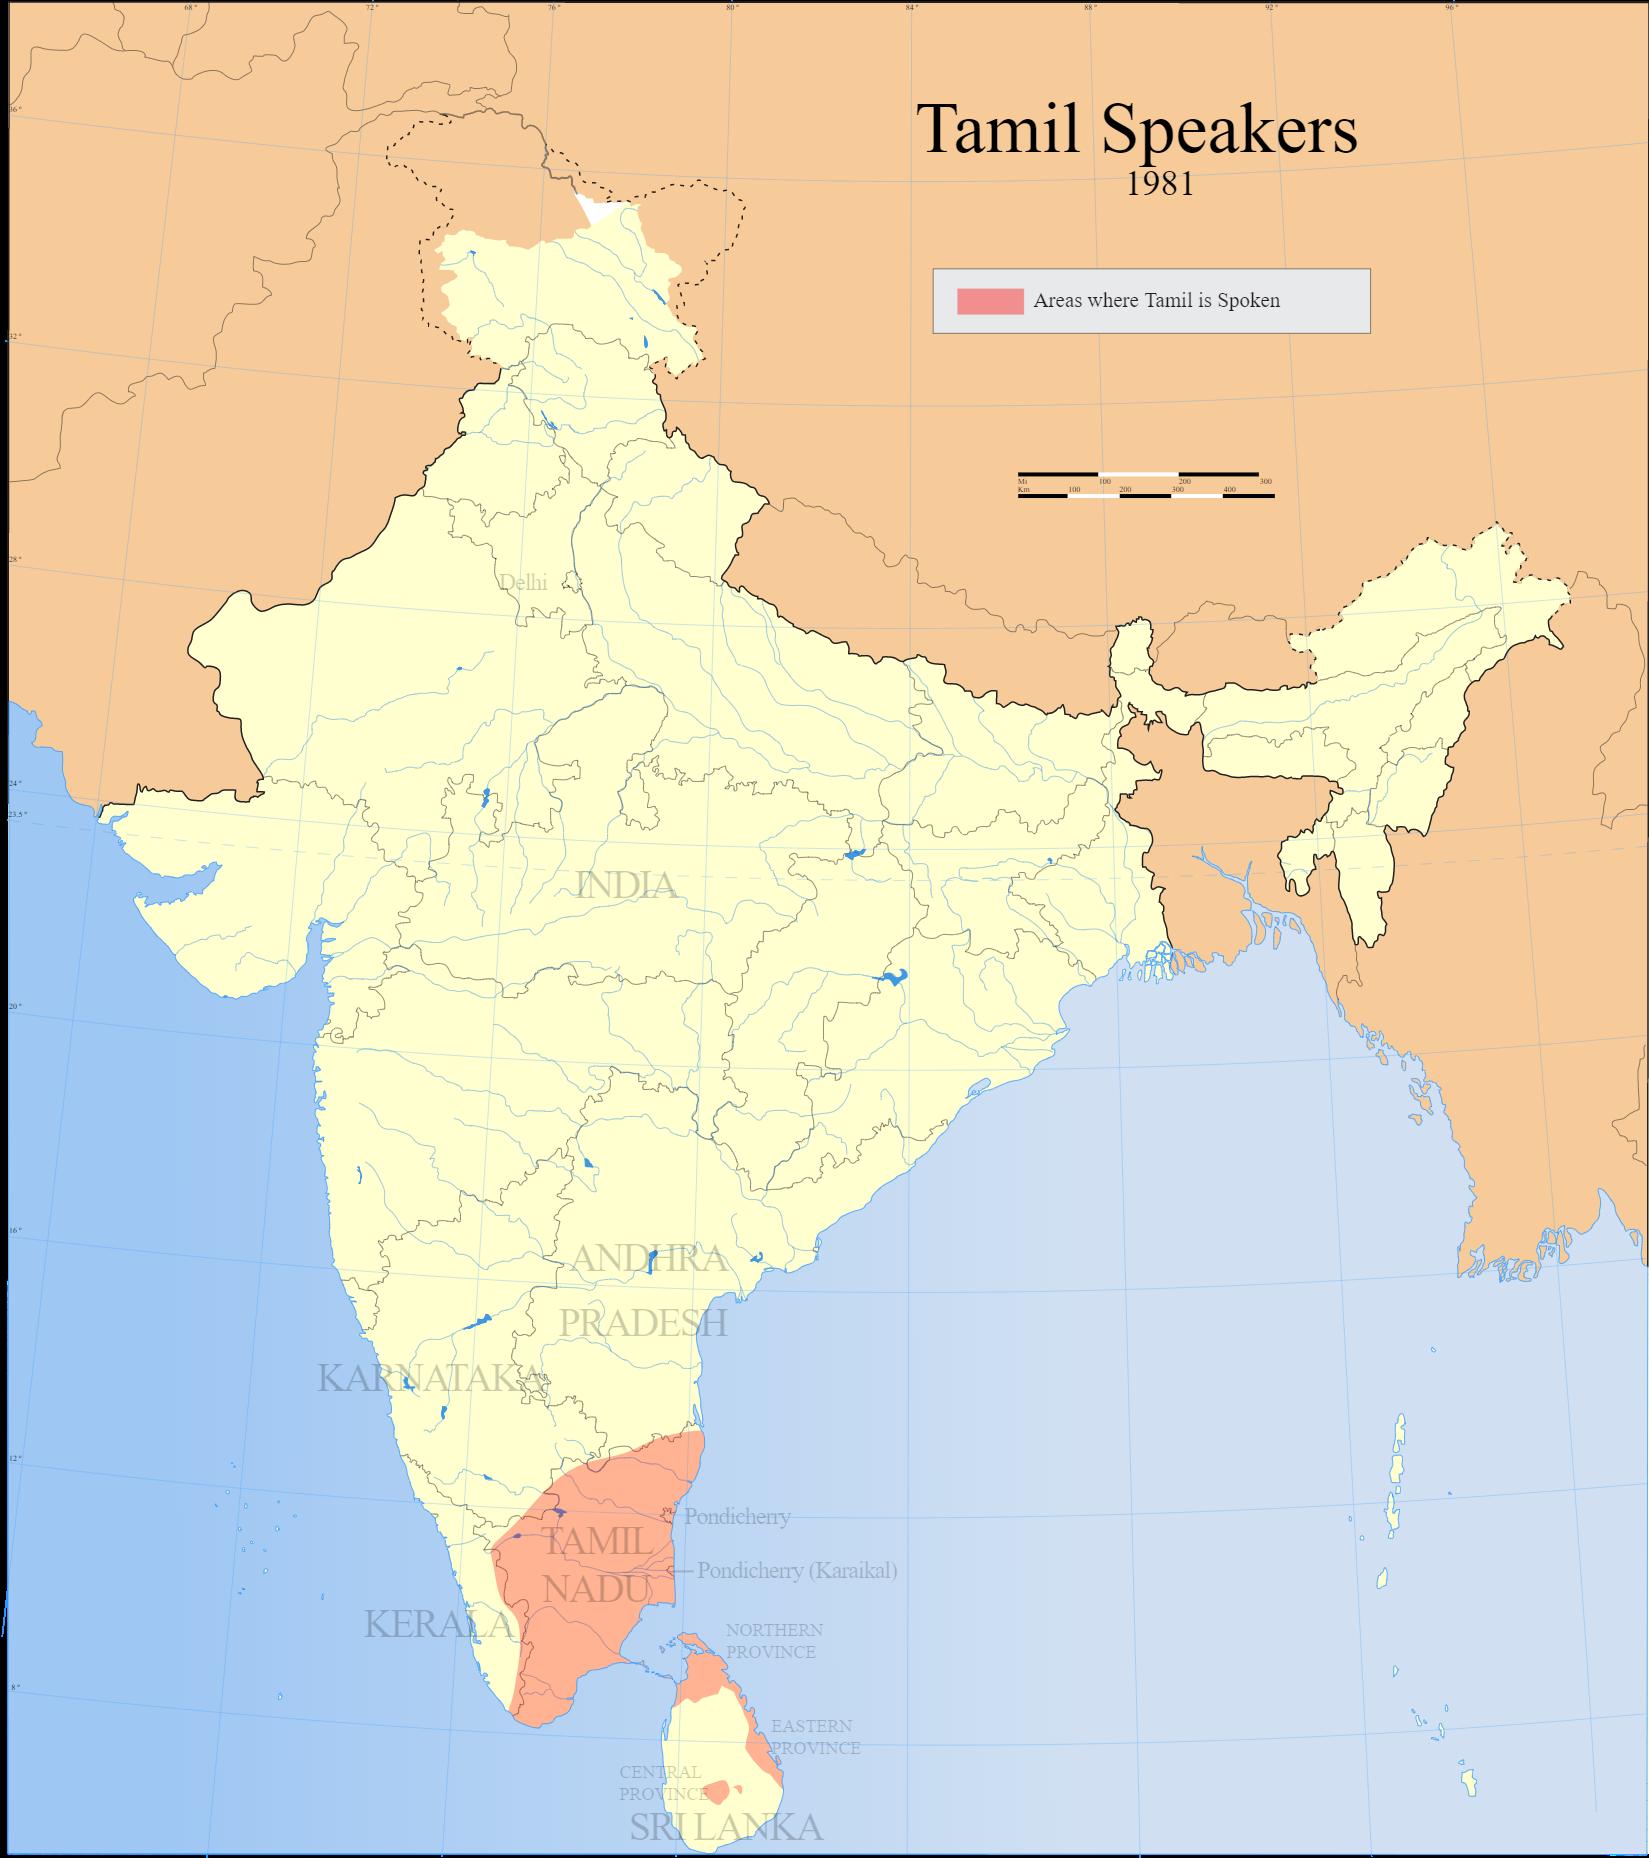 Tamil Territory